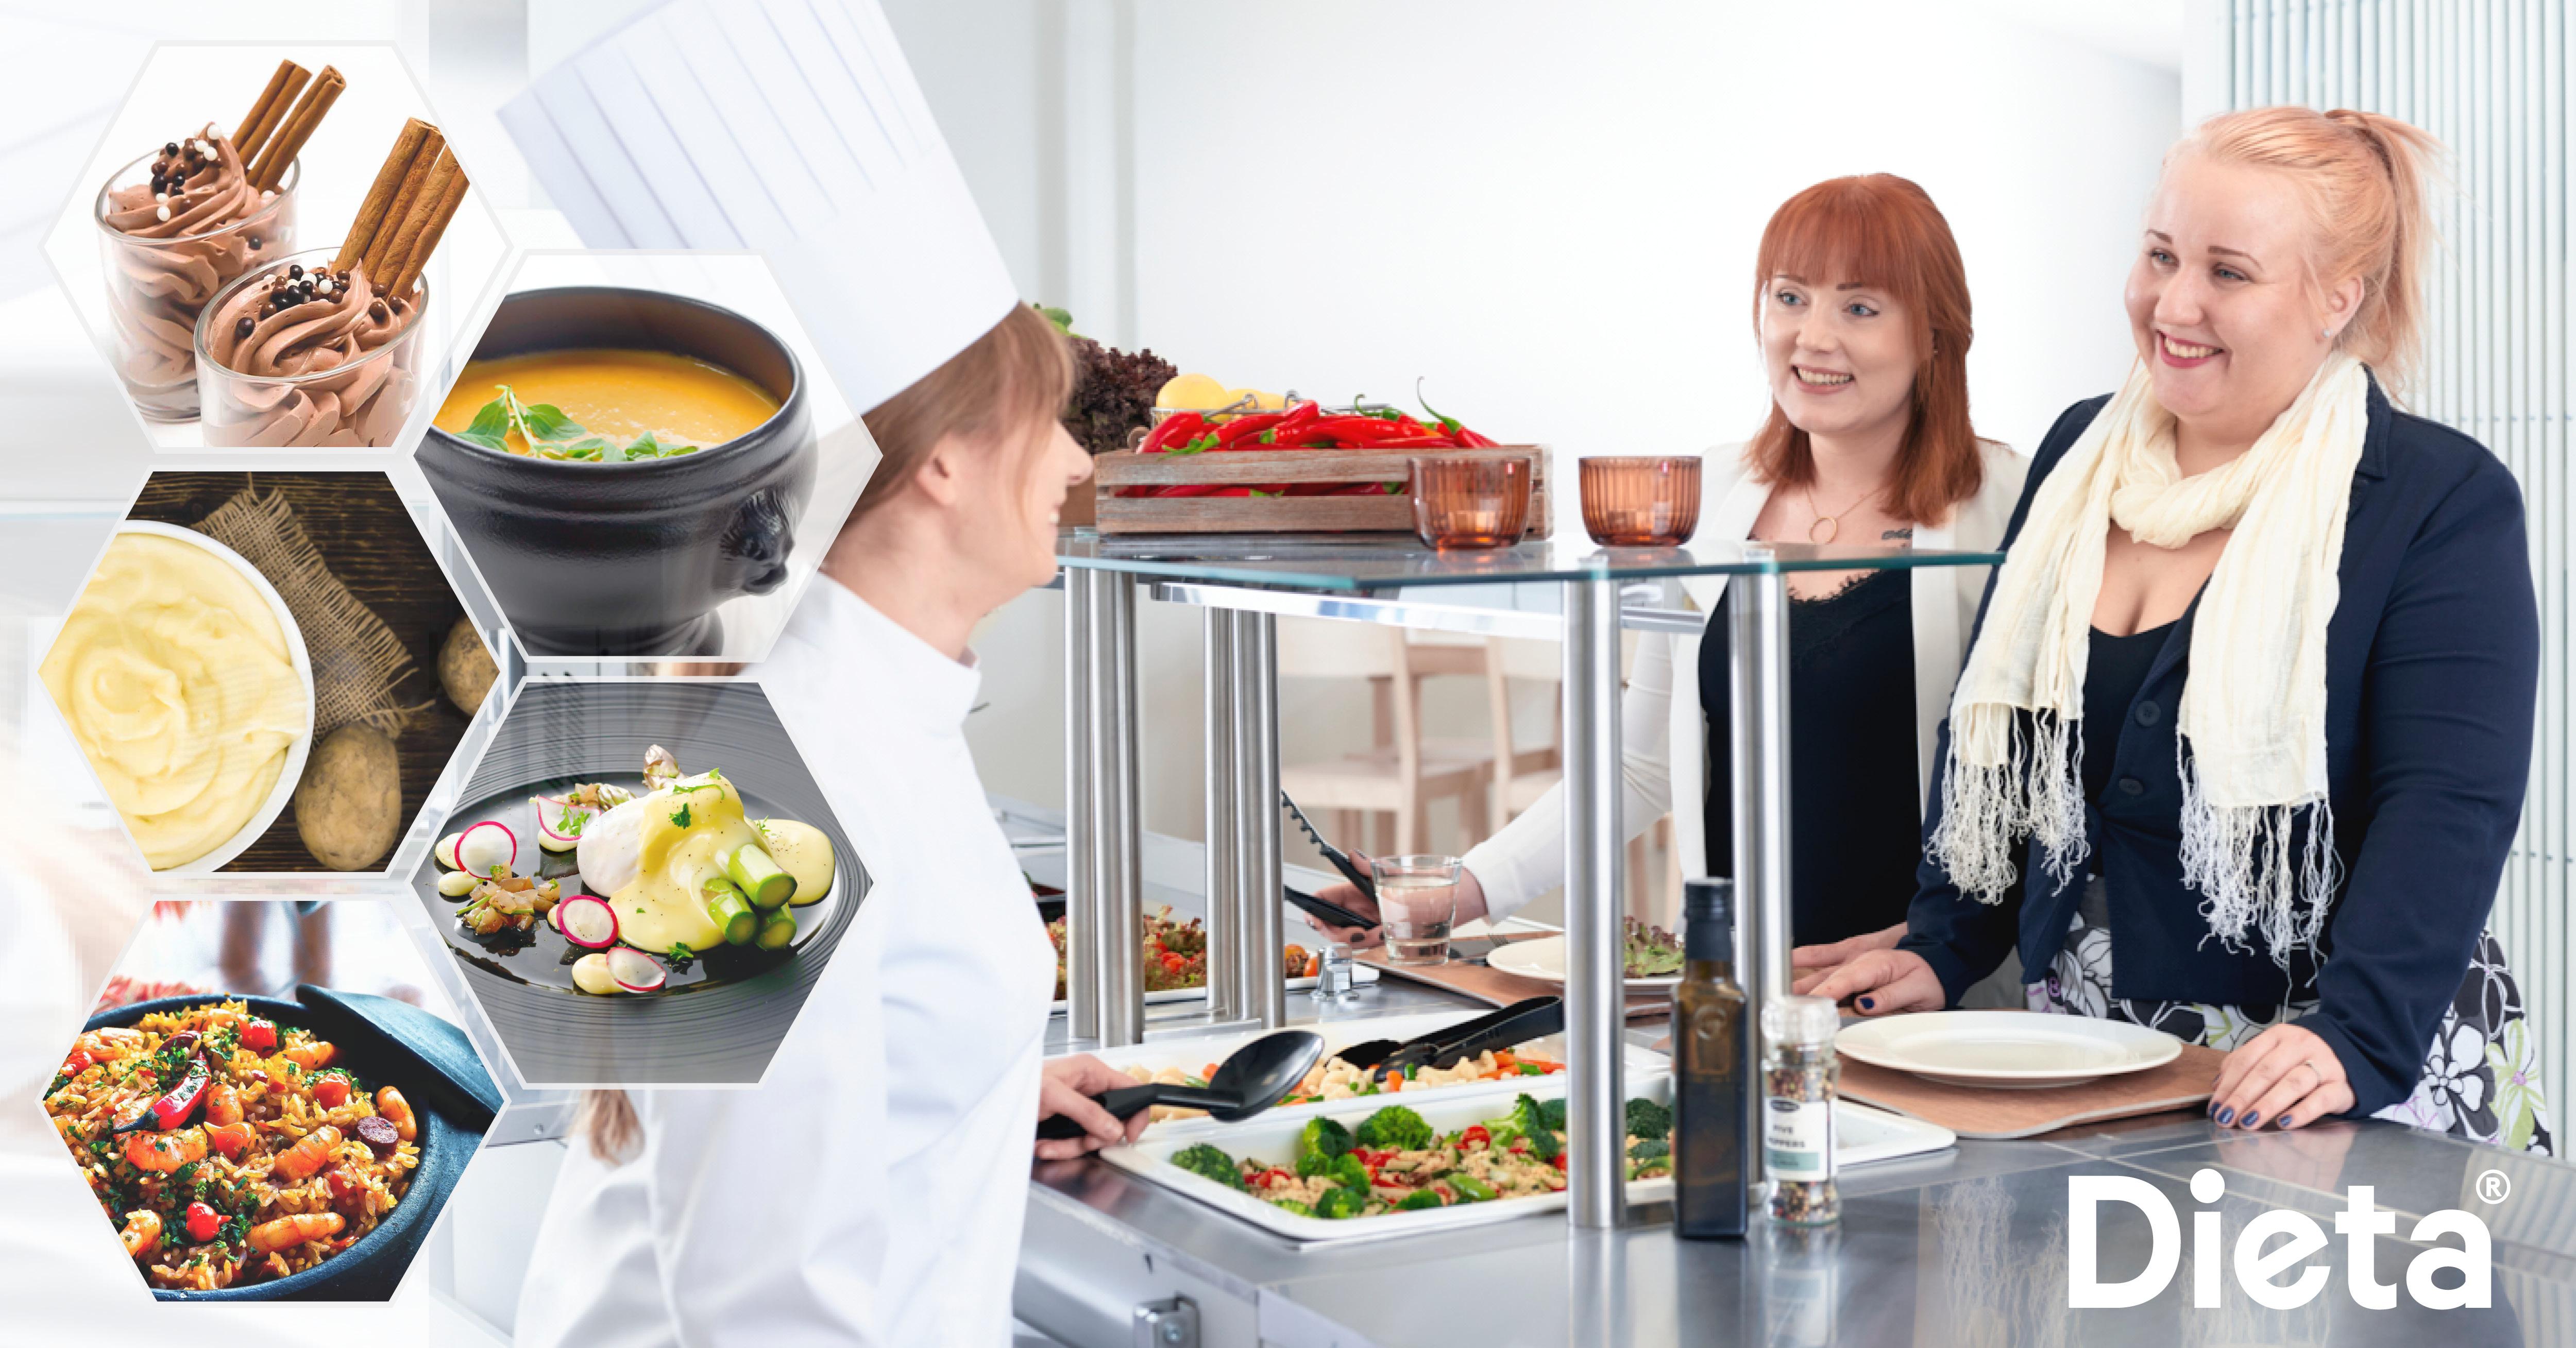 Dieta Genier – monitoimilaite kaikentyyppisiin ammattikeittiöihin